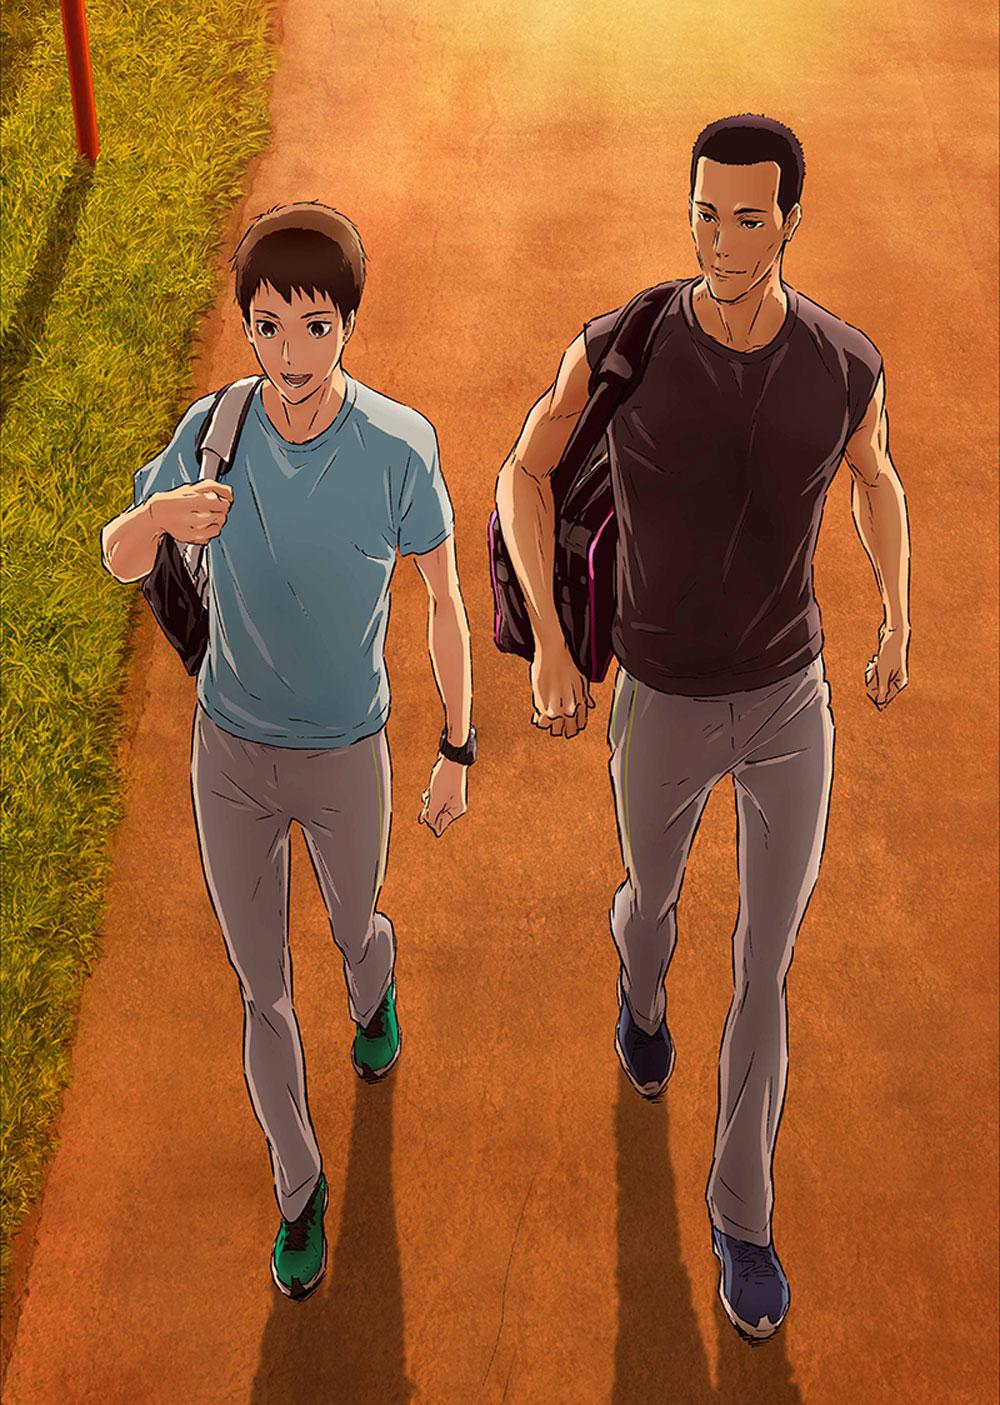 アニメ「風が強く吹いている」 Vol.7 Blu-ray 初回生産限定版